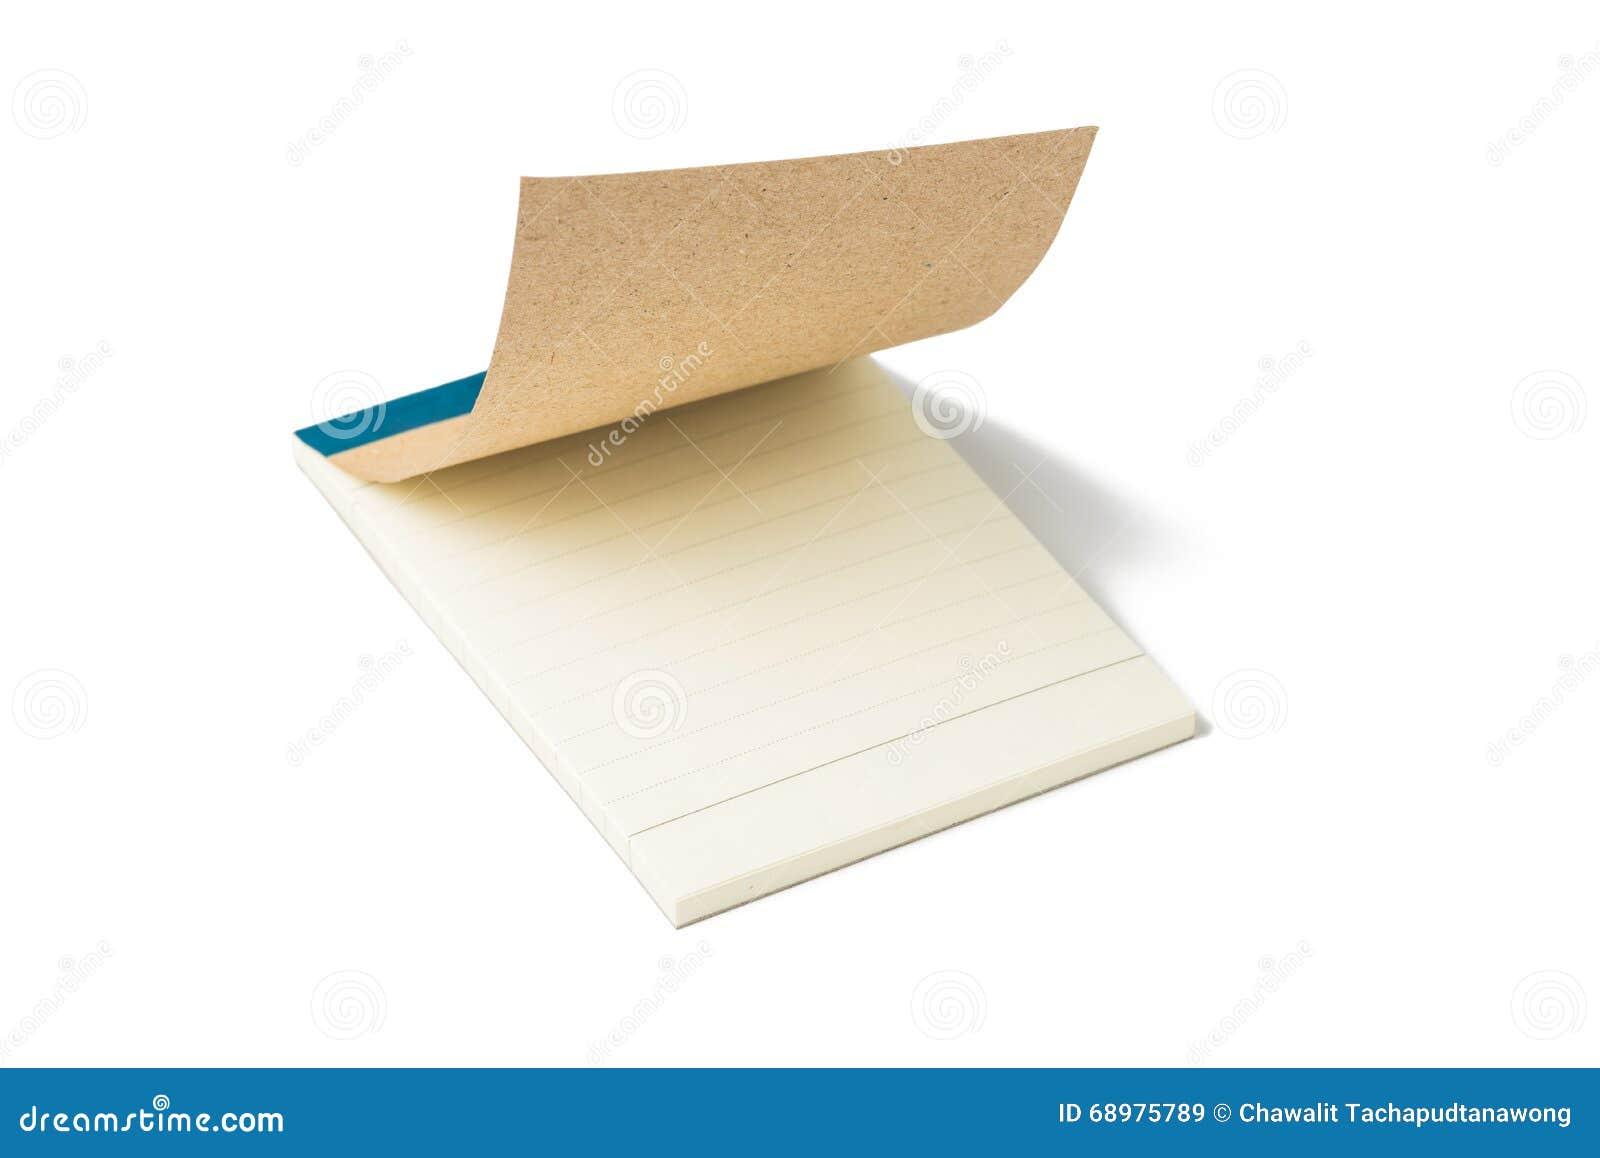 Las páginas en blanco de un cuaderno se abren levemente En el fondo blanco